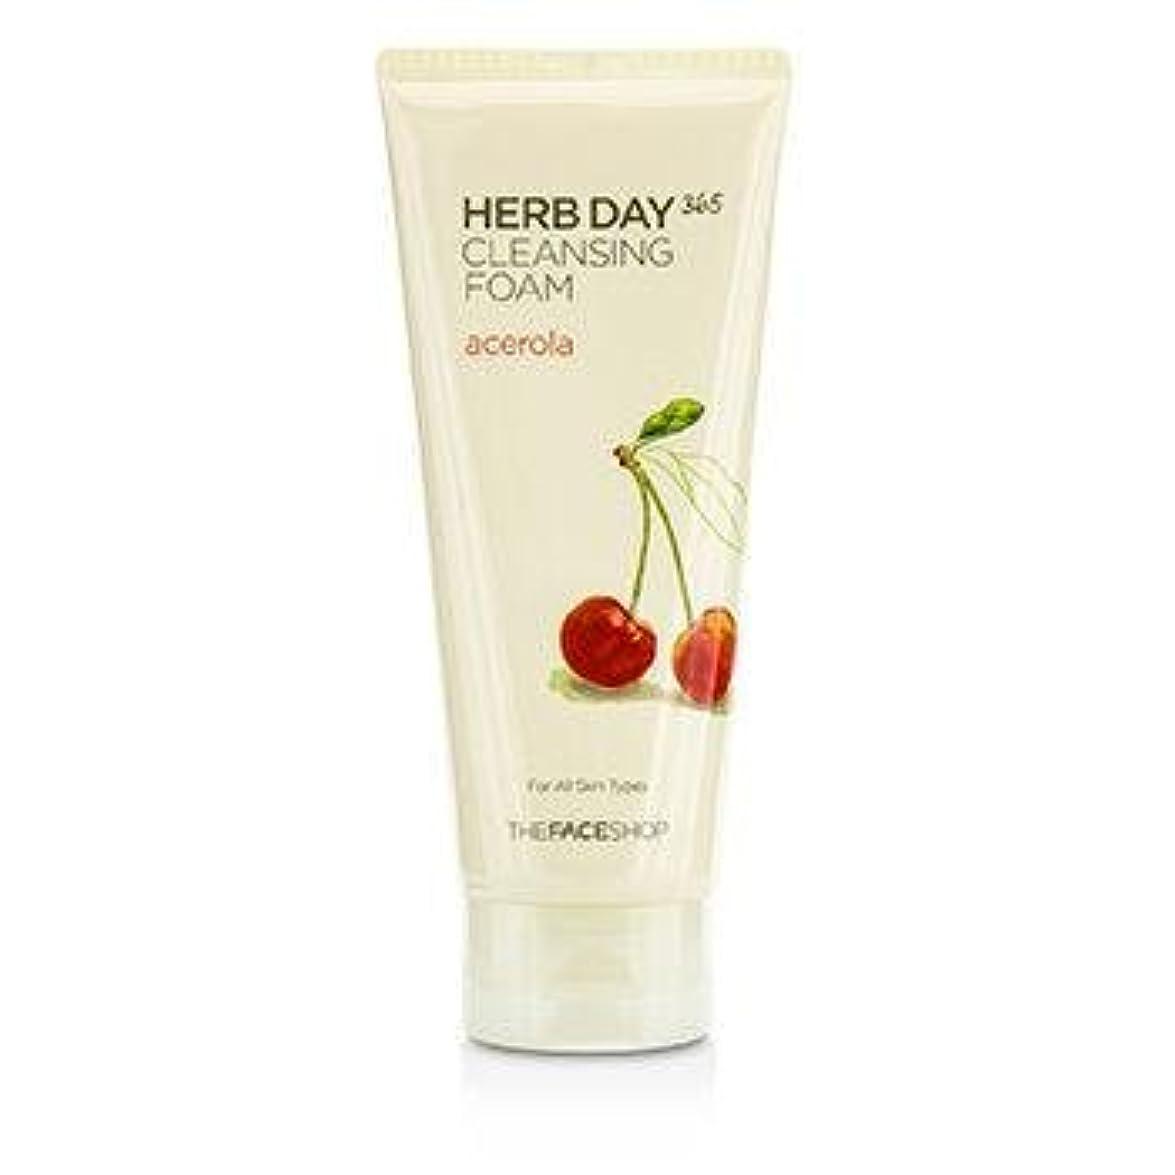 鉱夫ケープハンサムTHE FACE SHOP Herb Day 365 Cleansing Foam Acerola (並行輸入品)